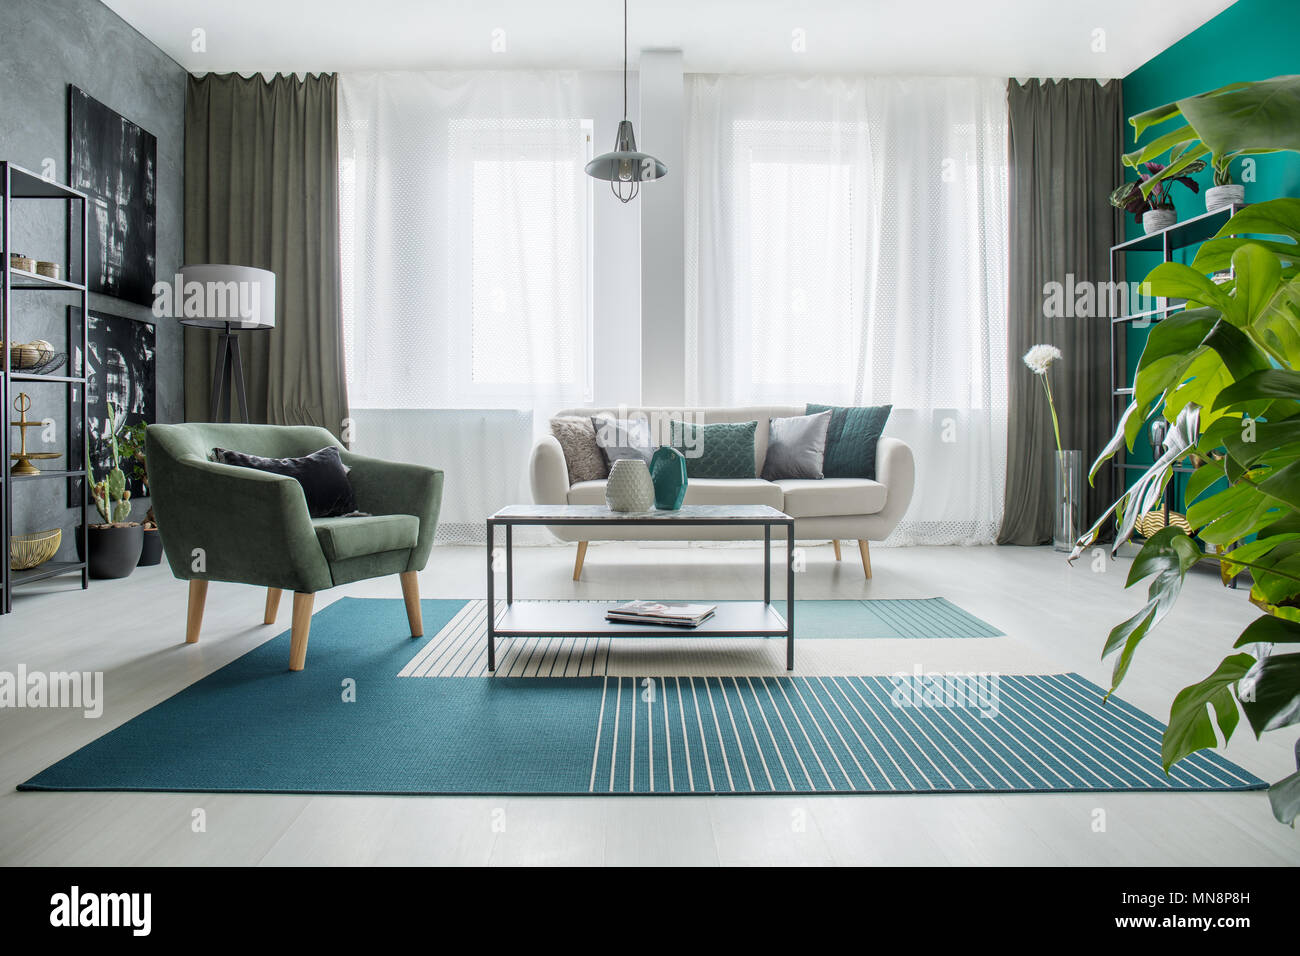 Tappeto Salotto Verde : La tabella su un tappeto accanto a una poltrona verde e beige divano